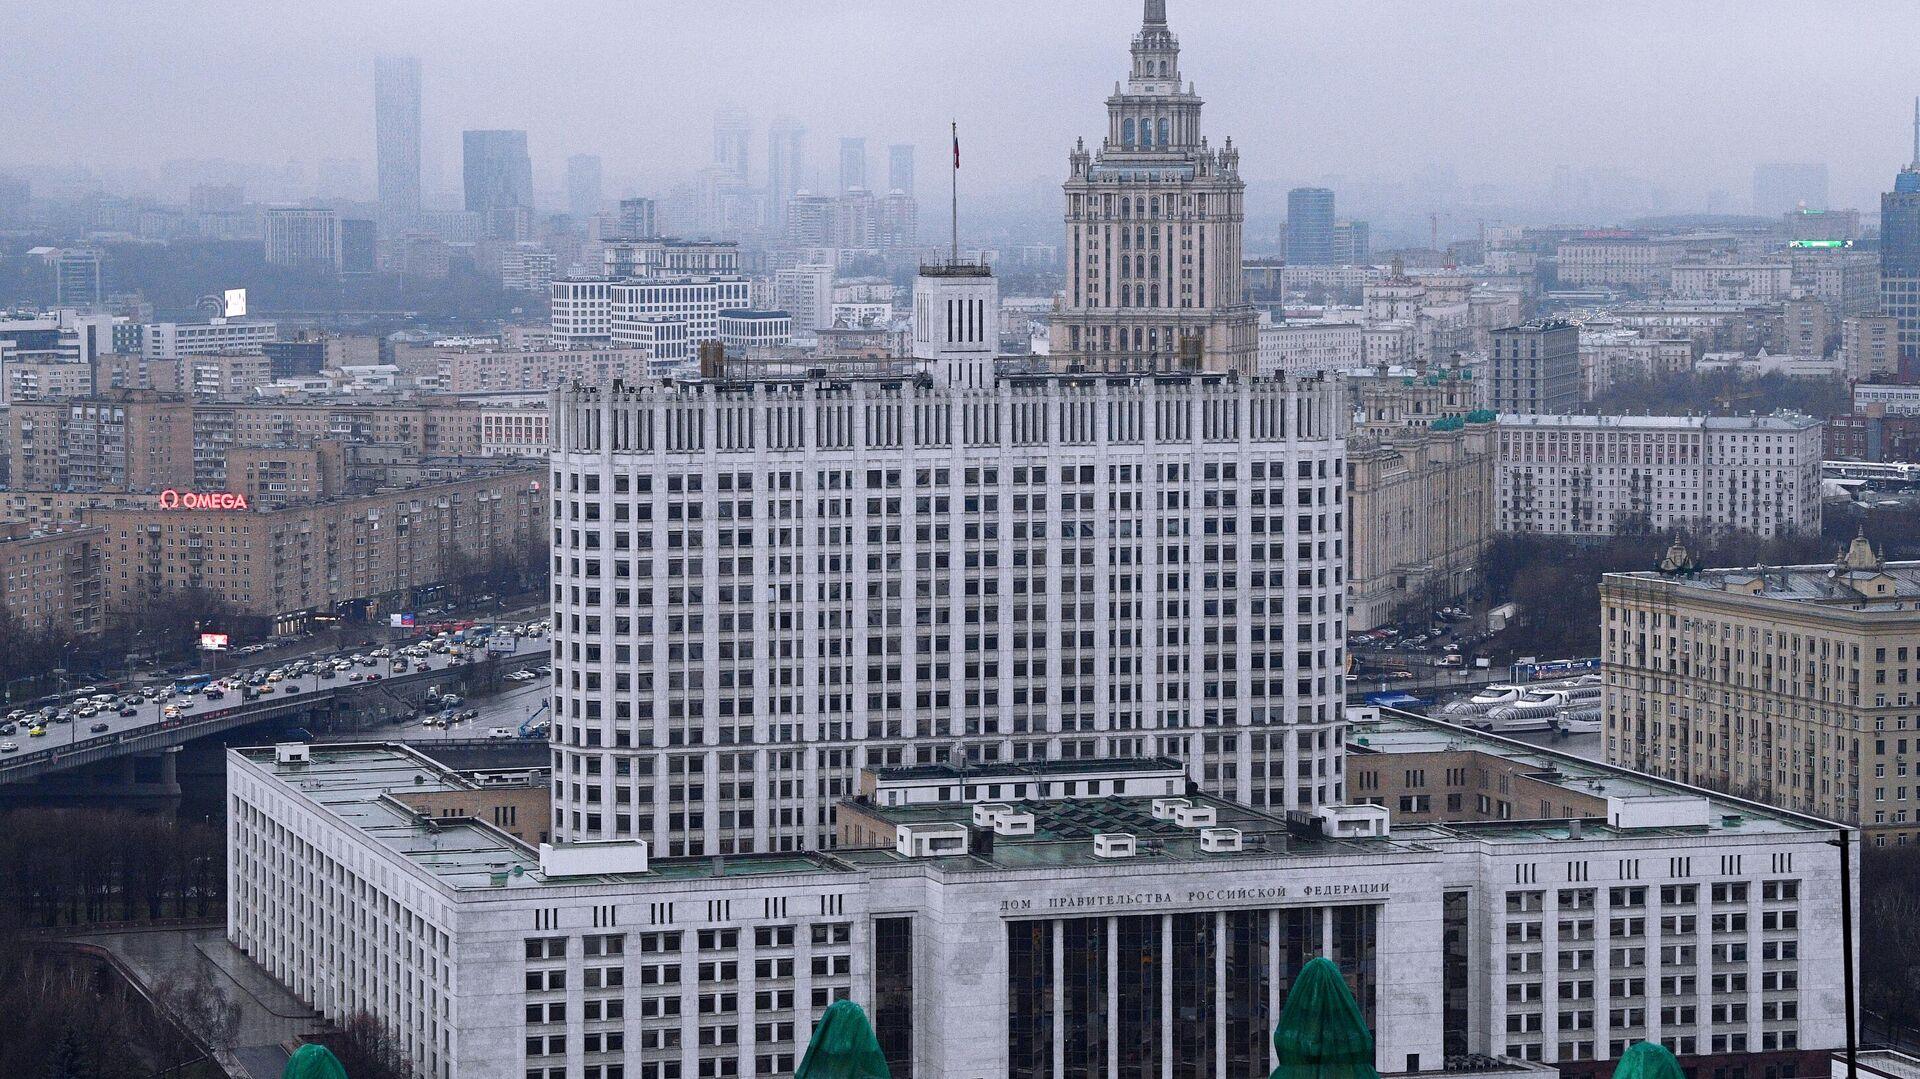 Здание правительства РФ  - РИА Новости, 1920, 12.05.2021